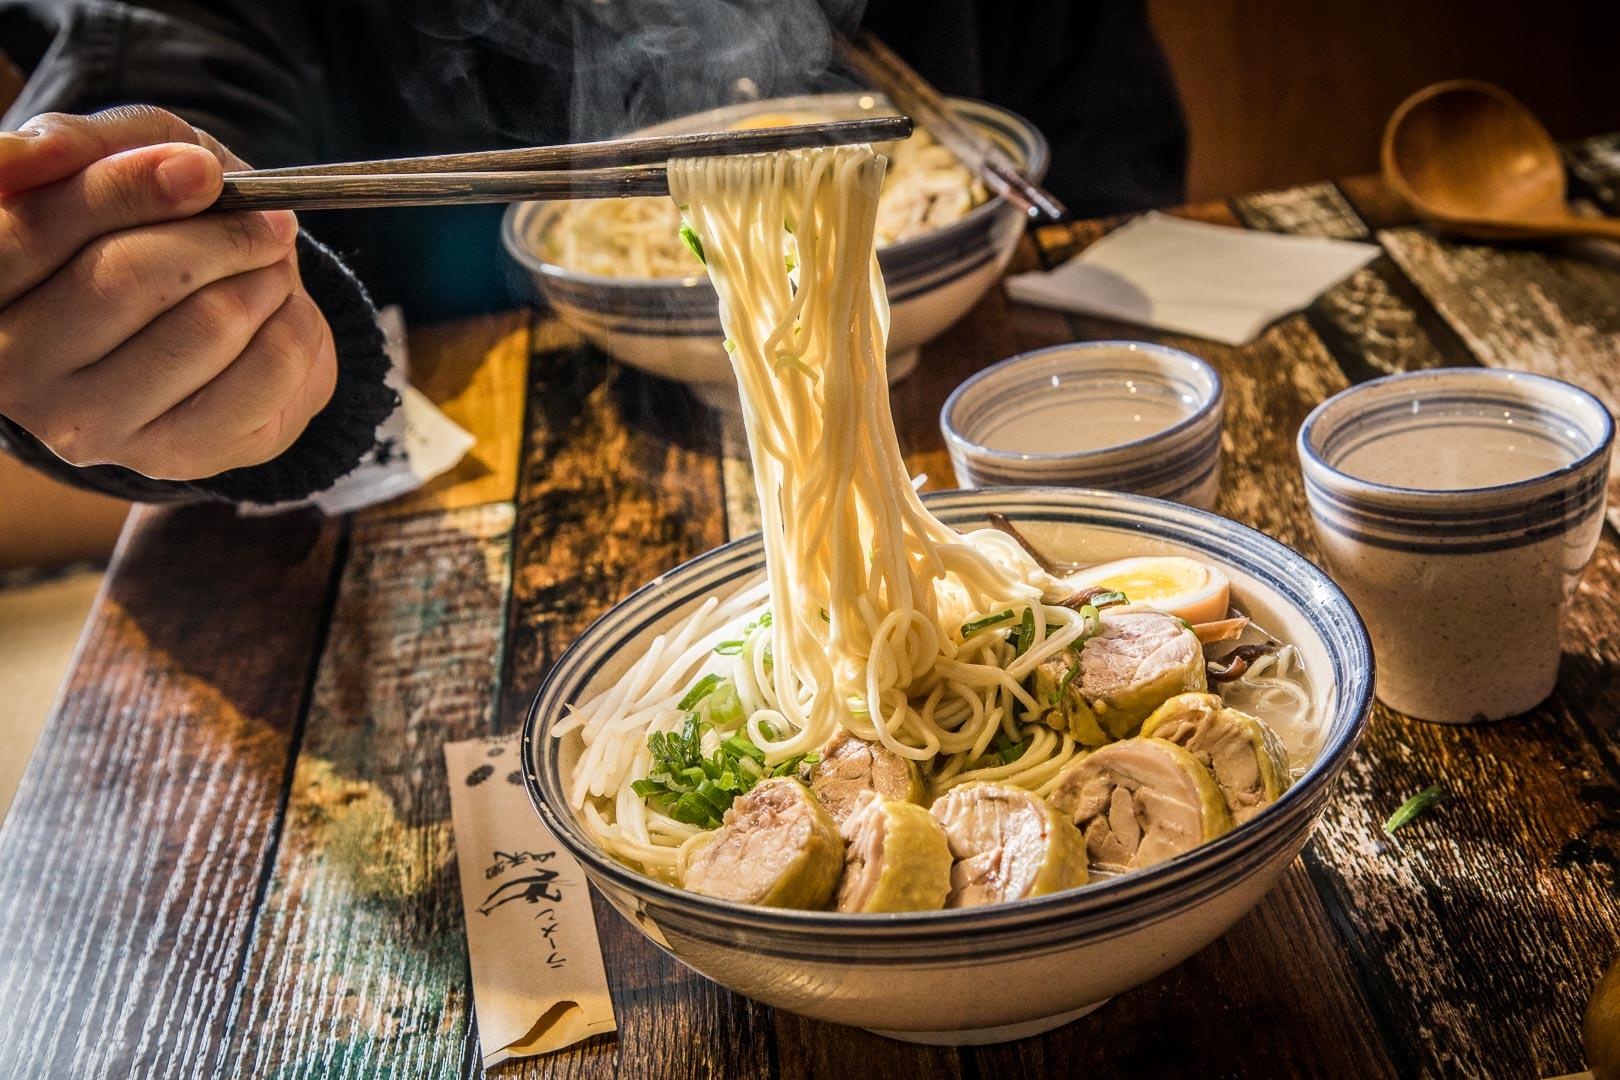 [中壢美食]雞白湯、柚子塩拉麵,吃不飽還可加麵兩次!山禾堂-中壢店